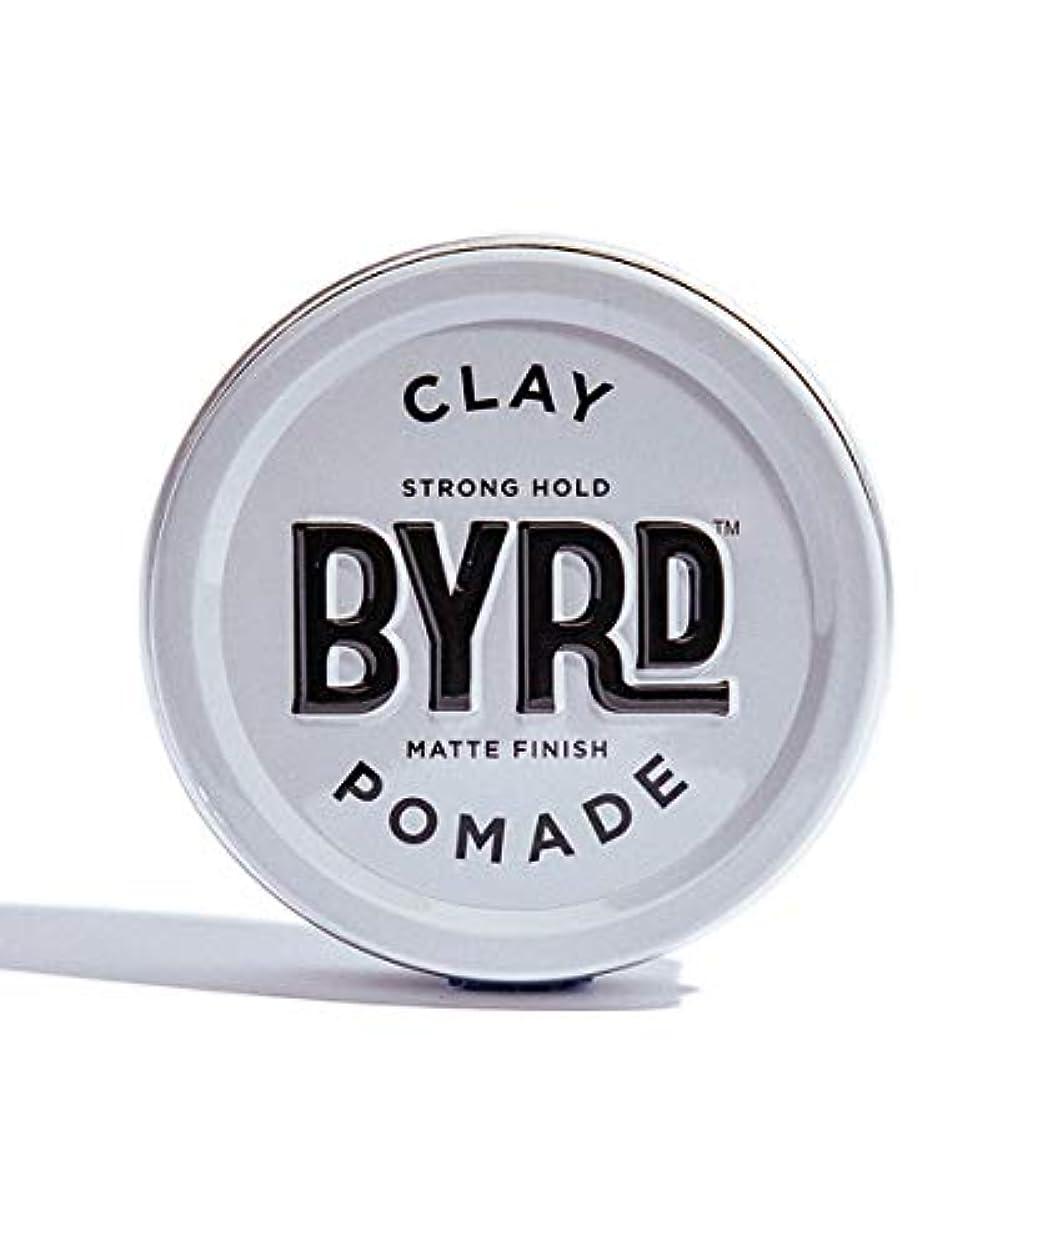 ダーリンうまれた非難するBYRD/クレイポマード 95g メンズコスメ ワックス ヘアスタイリング かっこいい モテ髪